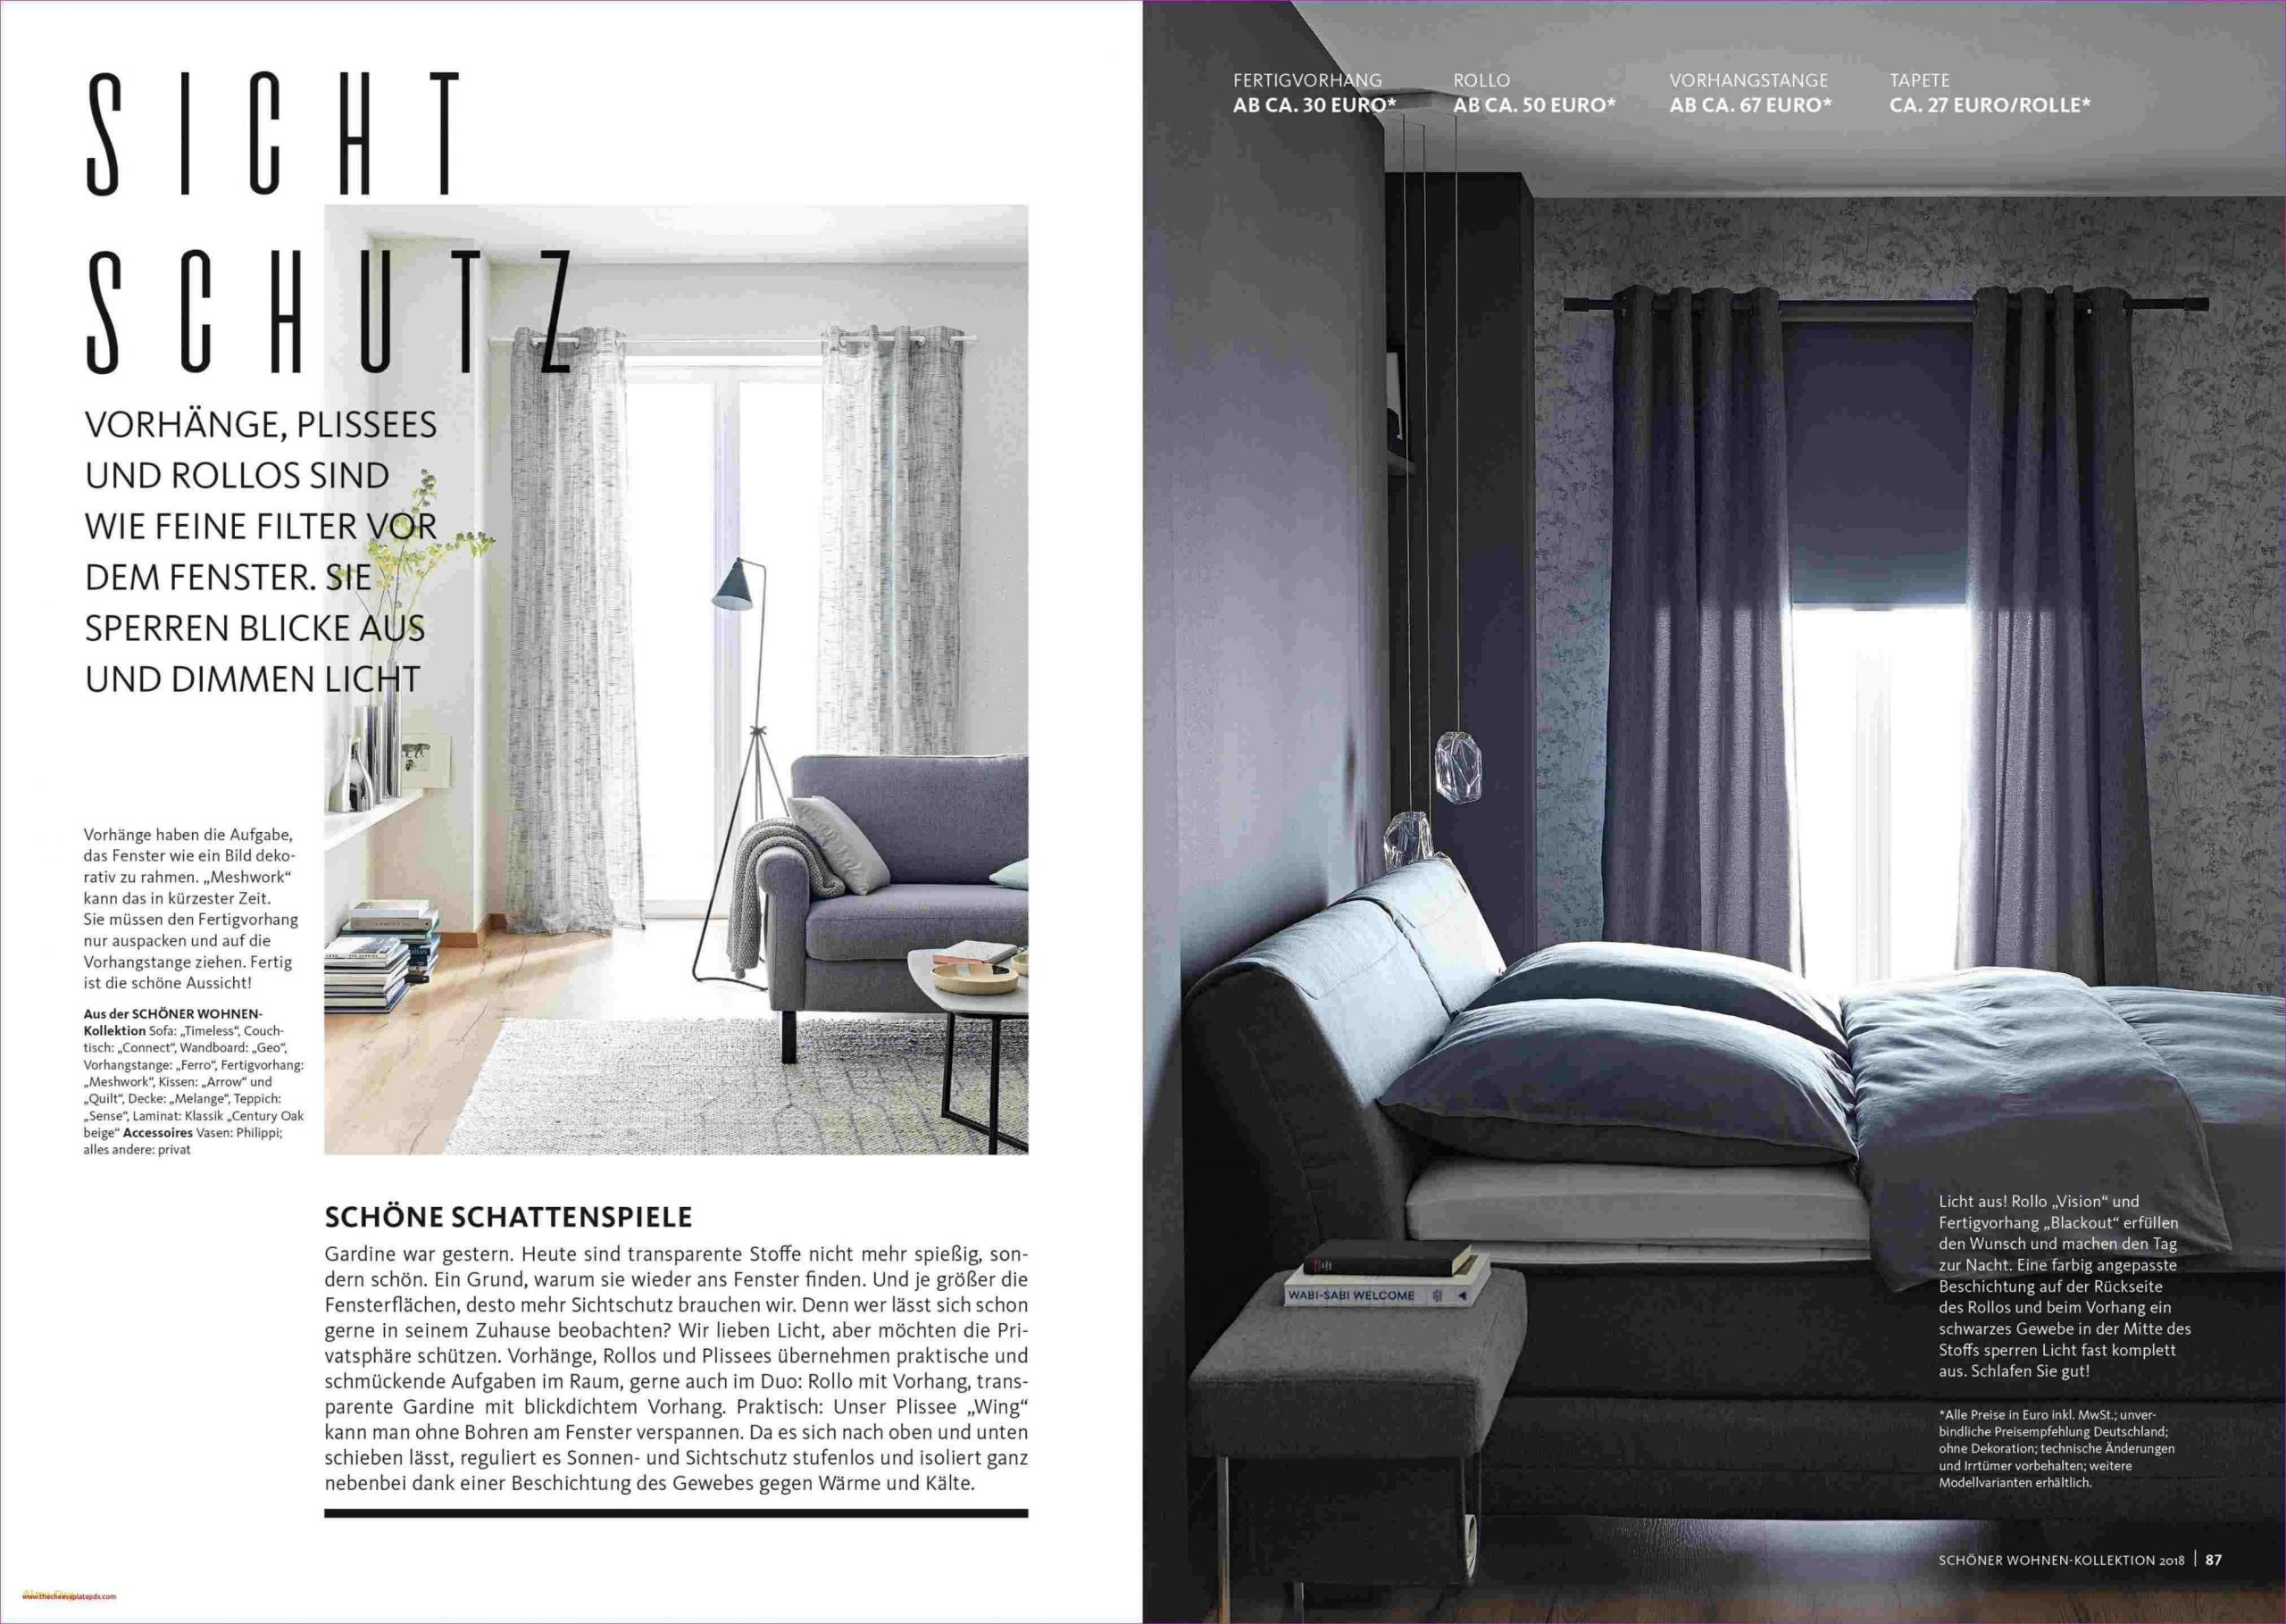 Full Size of Lampen Wohnzimmer Decke Ikea Neu Moderne Genial Unique Deckenlampen Modern Led Küche Kosten Betten 160x200 Deckenleuchte Liege Deckenlampe Esstisch Wohnzimmer Lampen Wohnzimmer Decke Ikea